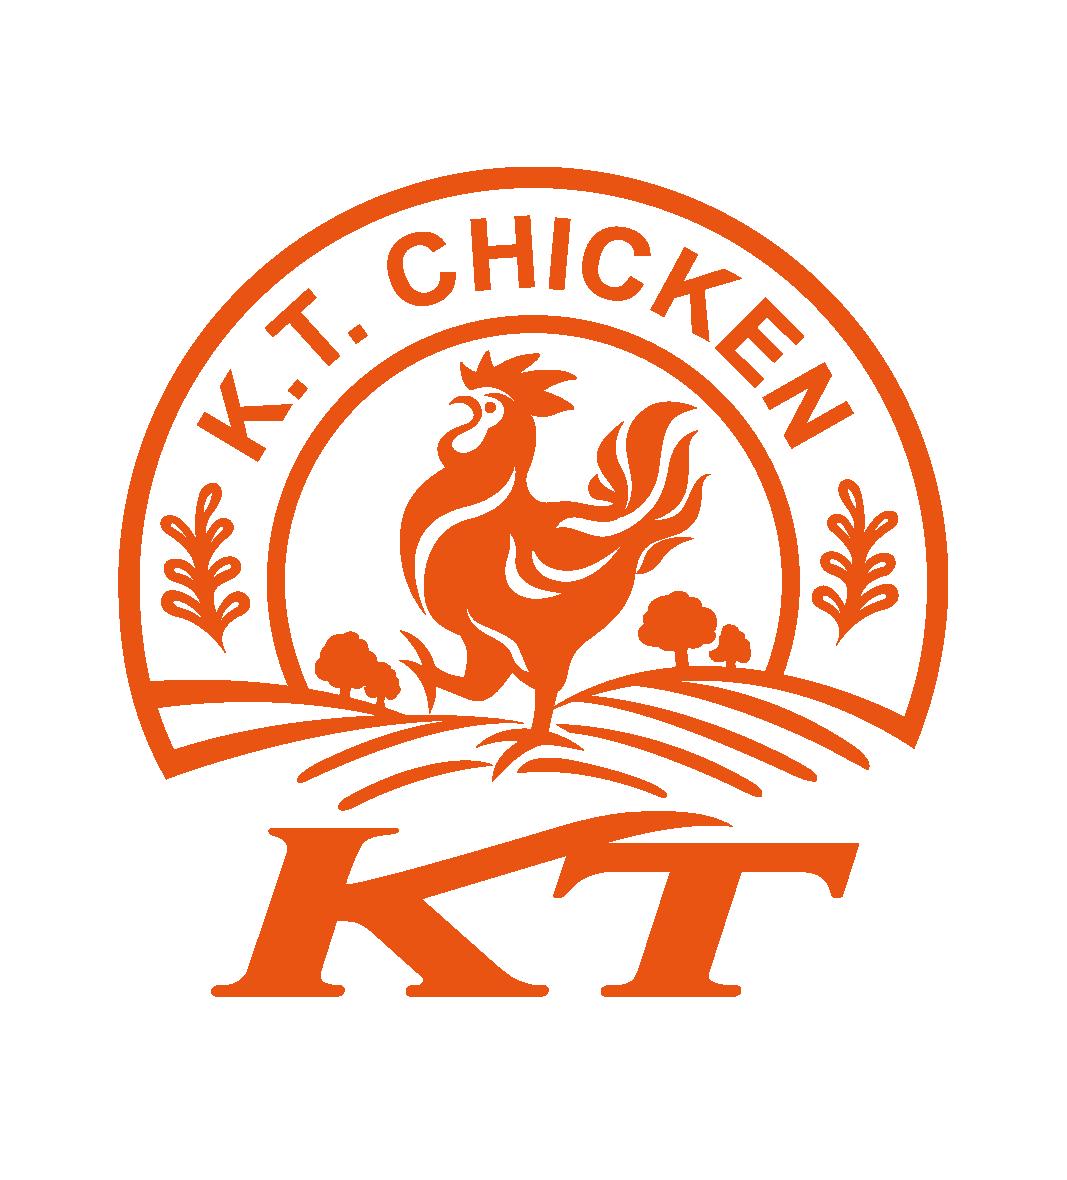 今晚吃桂丁,台灣桂丁雞餐廳拜訪企劃